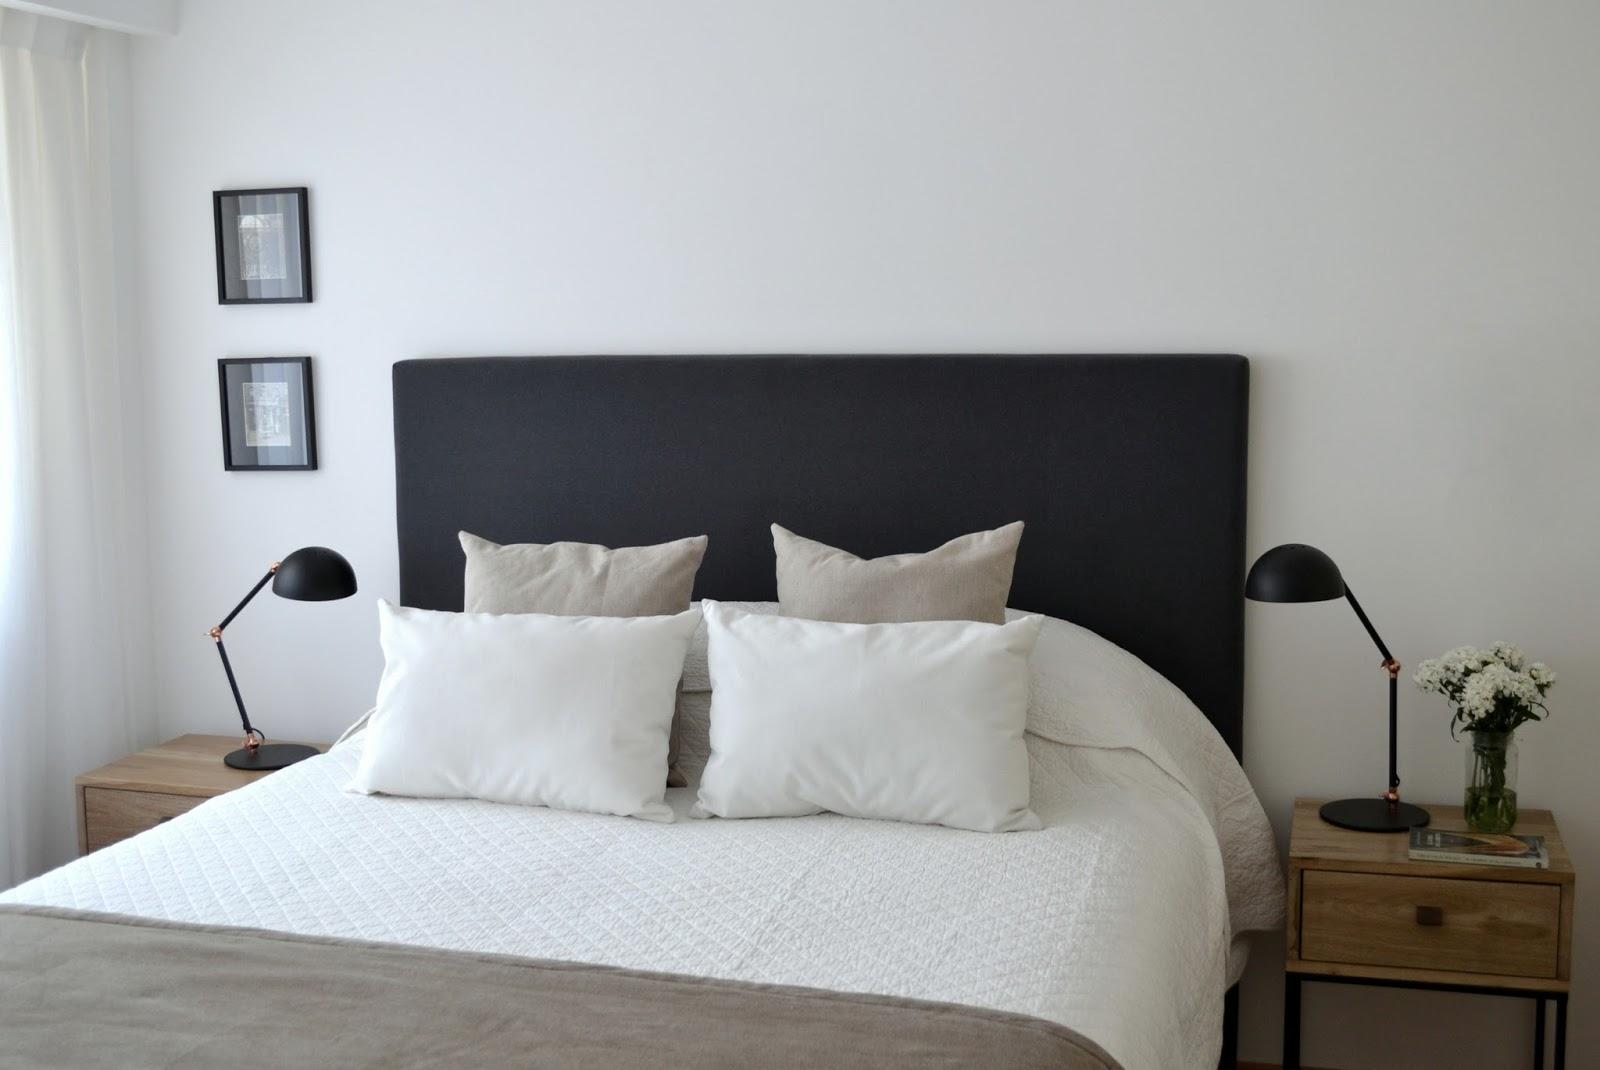 alma deco buenos aires proyecto matienzo habitacion. Black Bedroom Furniture Sets. Home Design Ideas